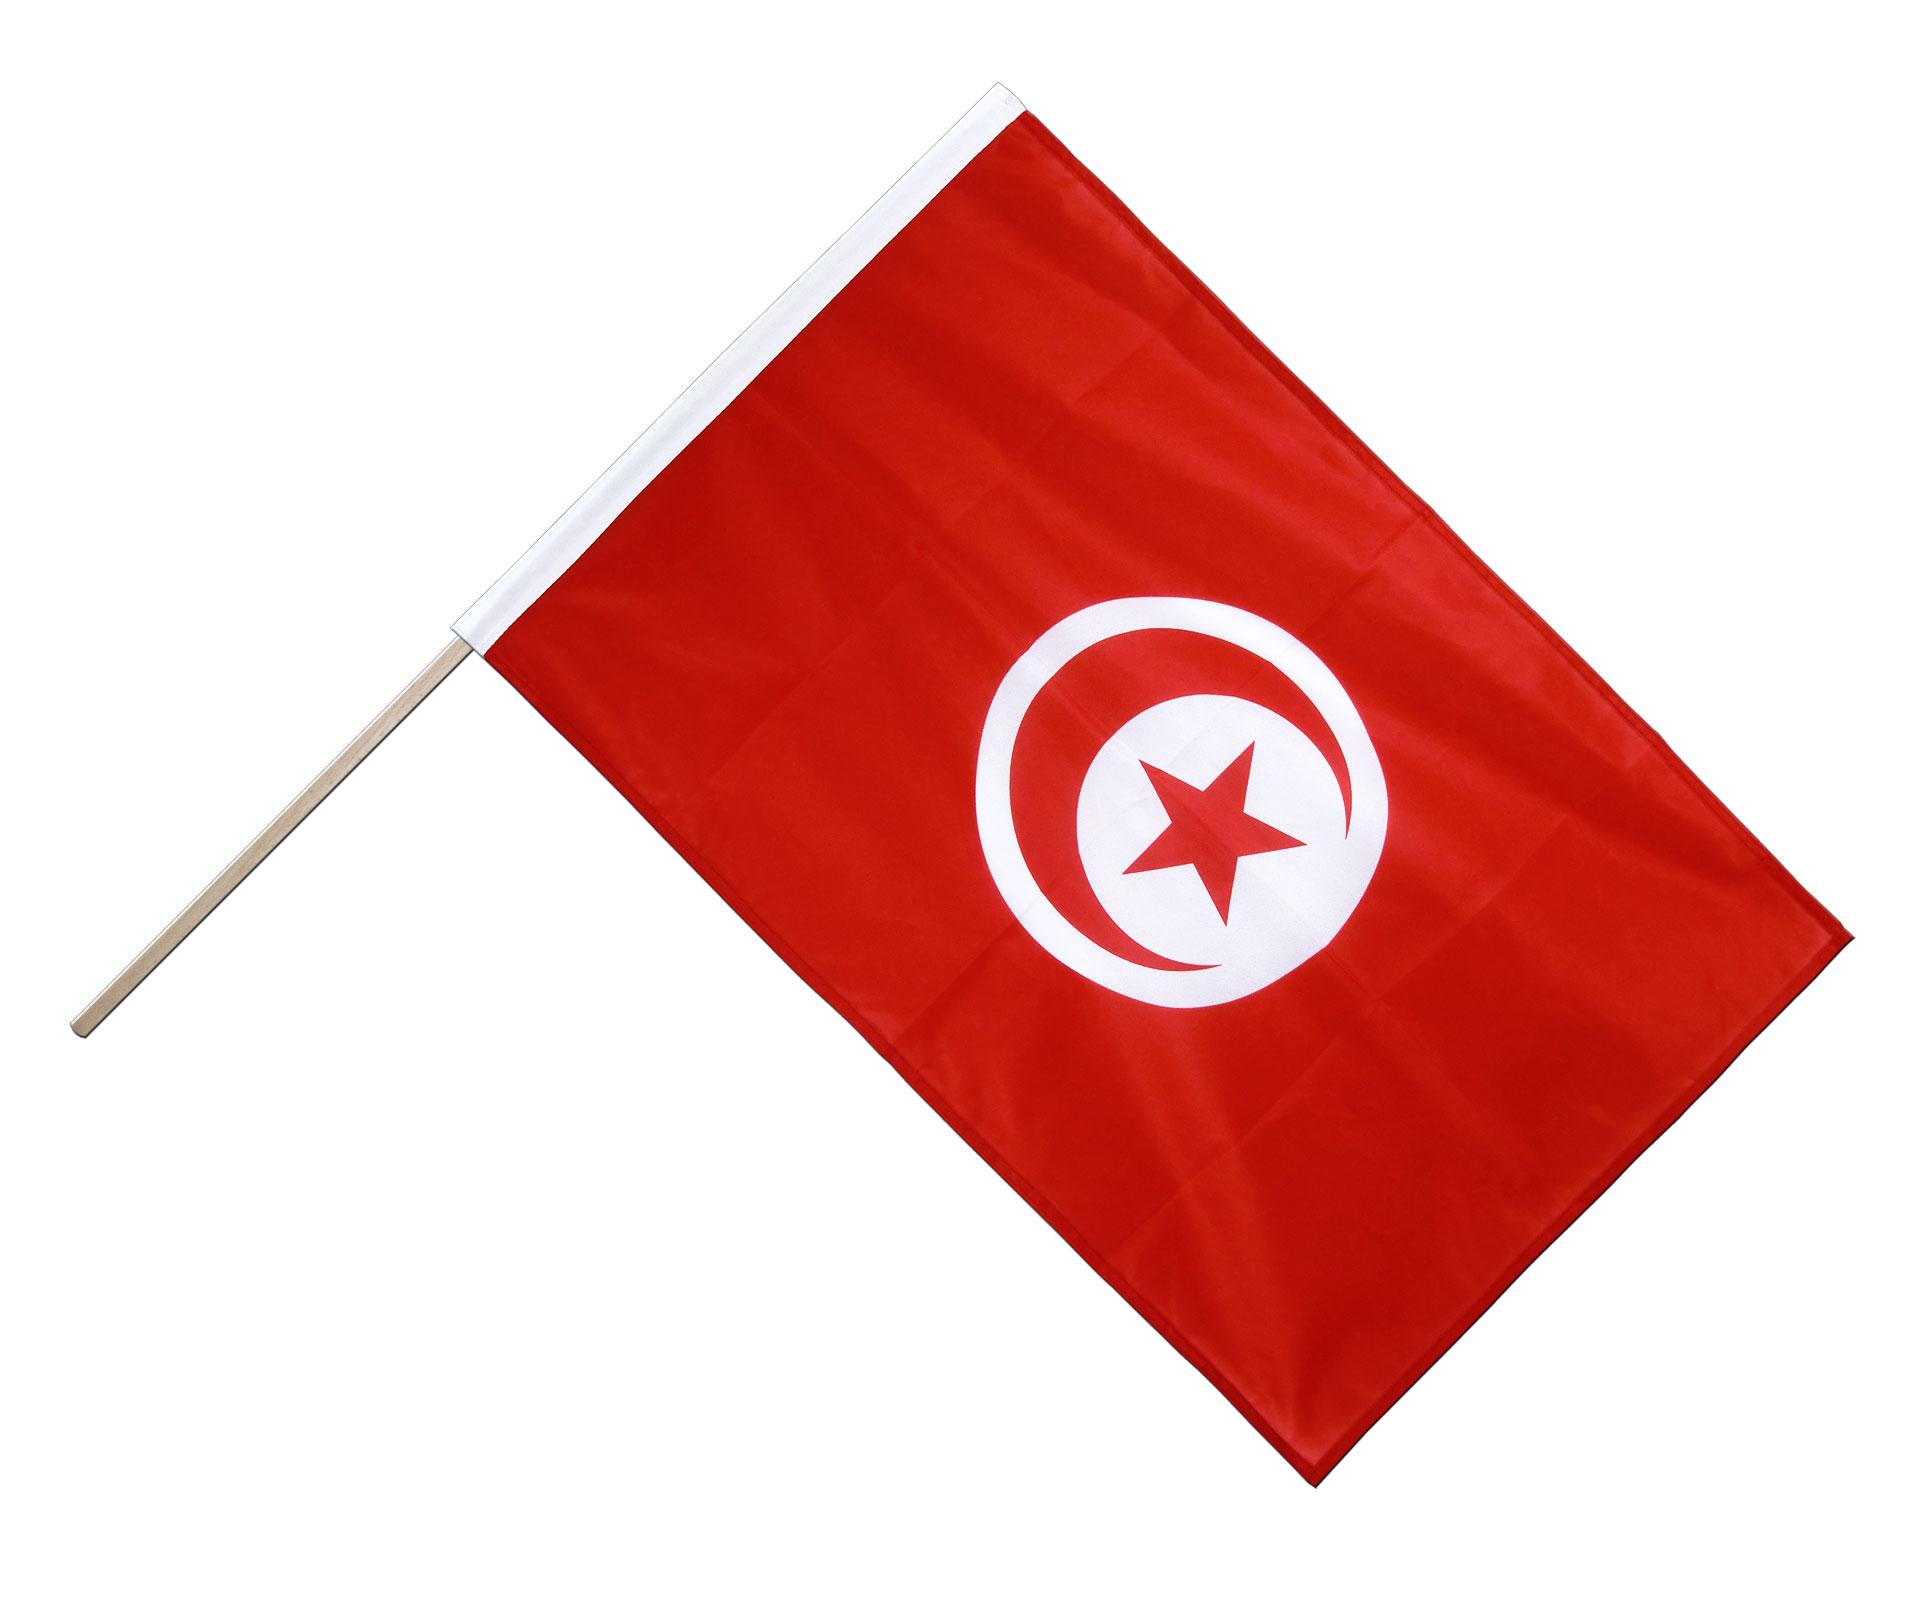 поразительное, тунис флаг фото картинки приводим